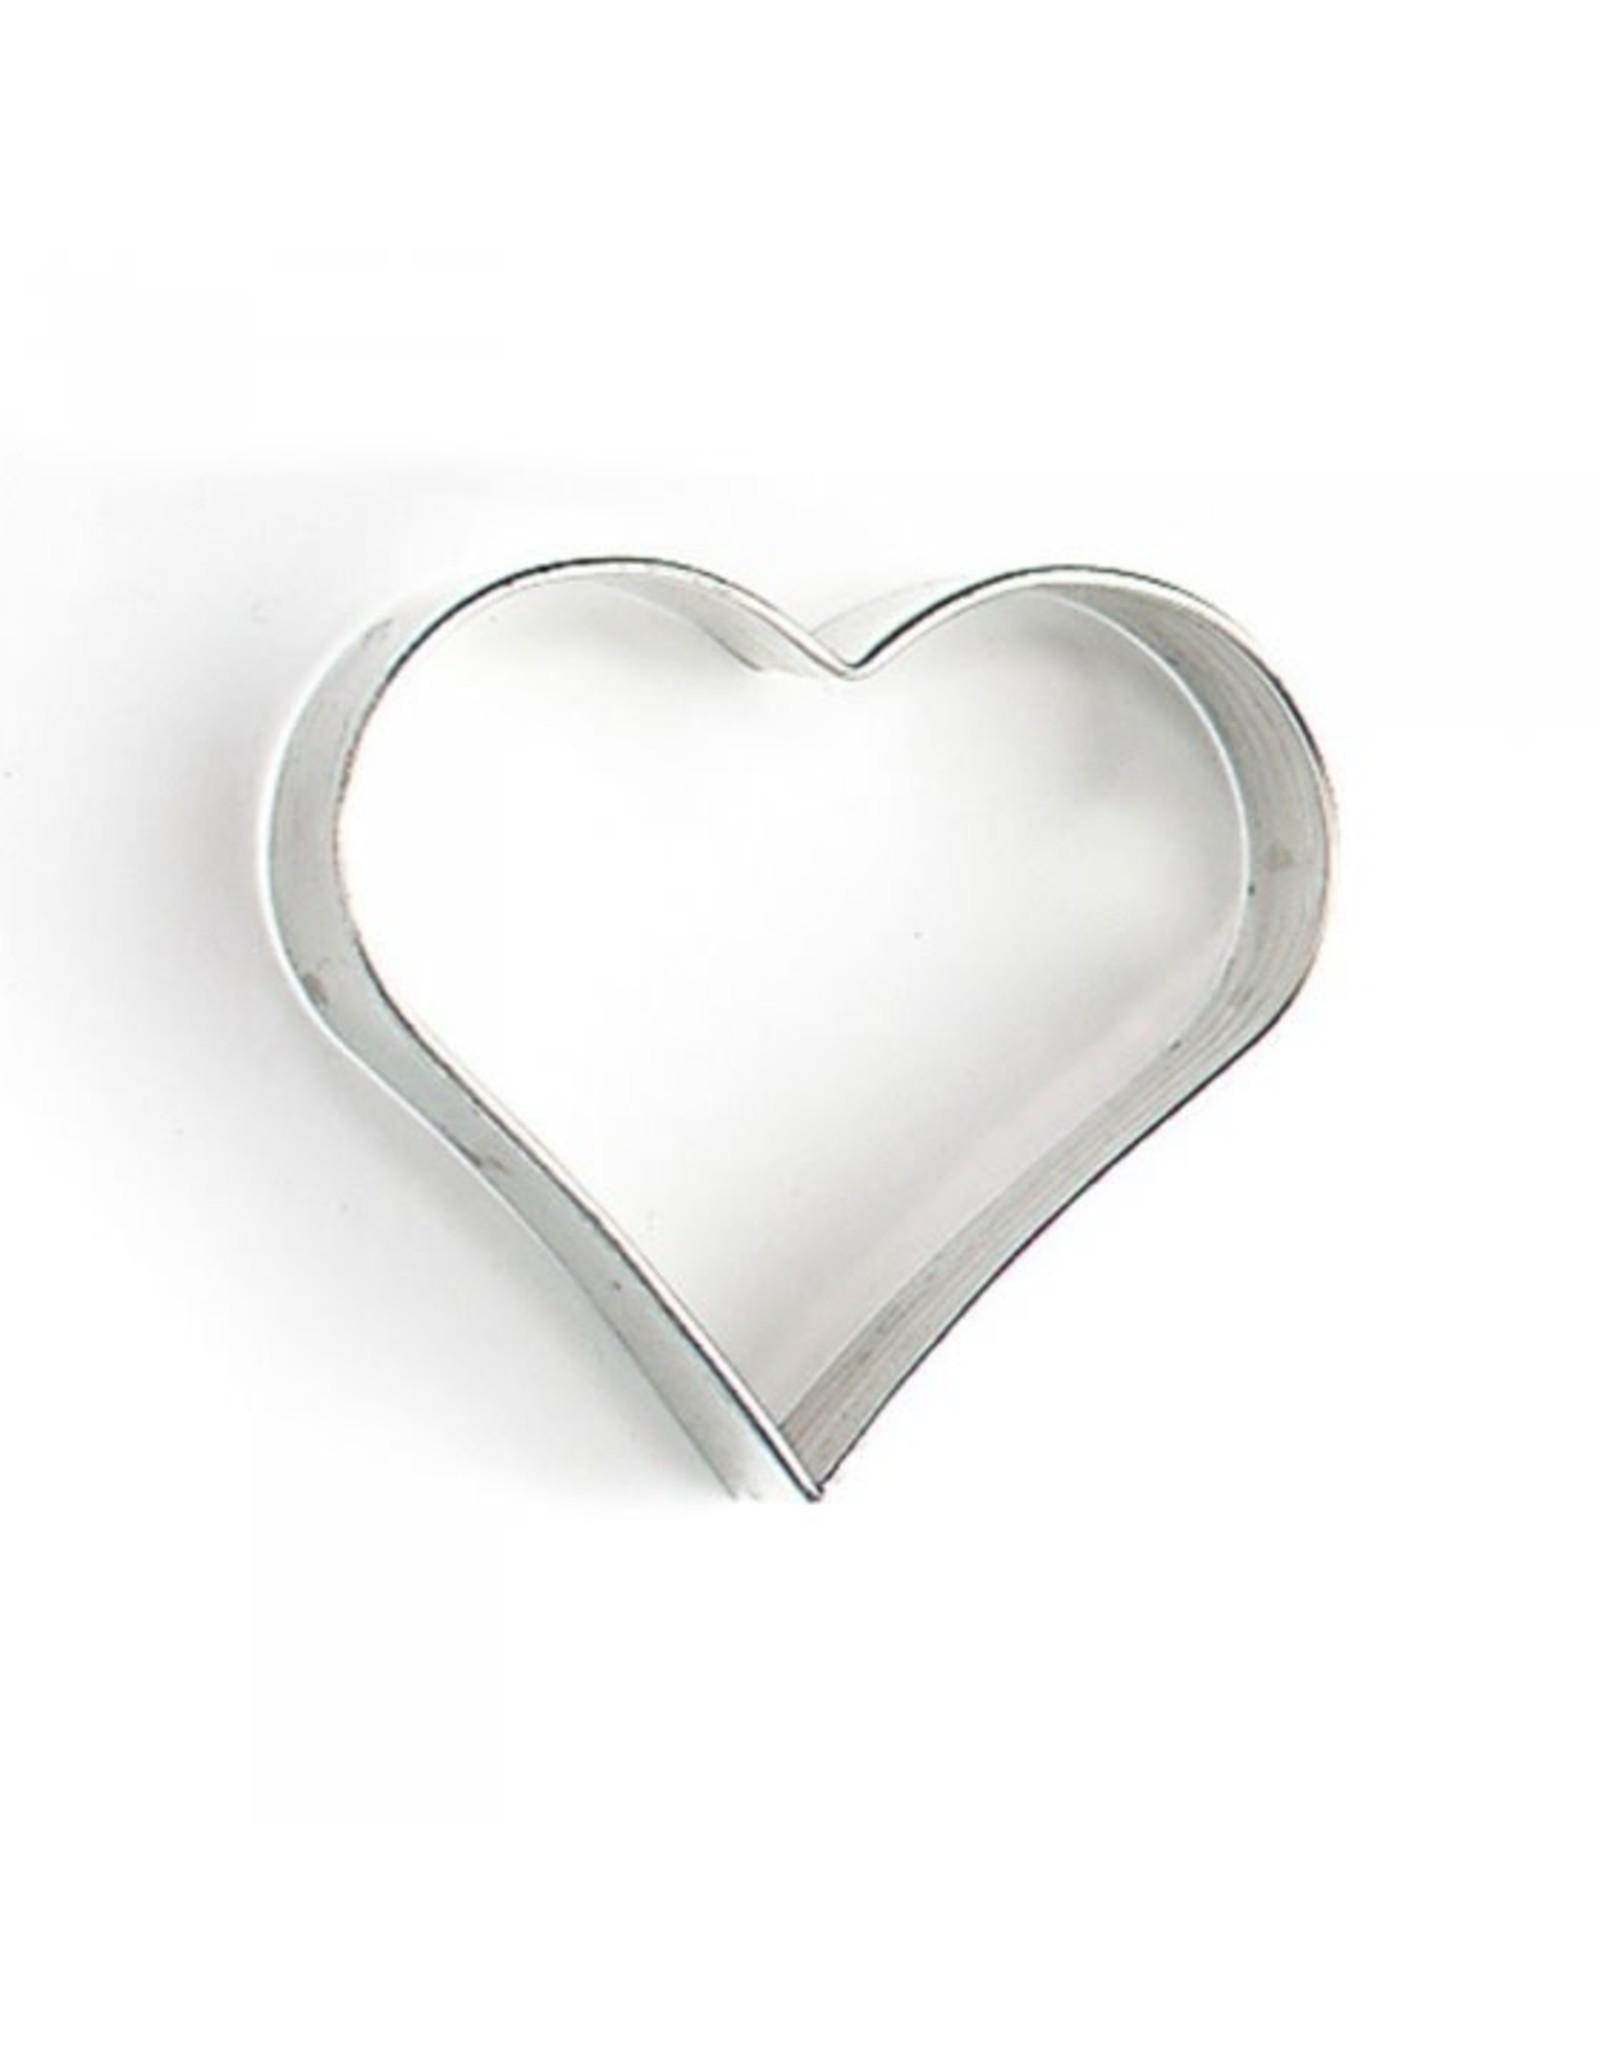 Gluckskafer Heart Cookie Cutter